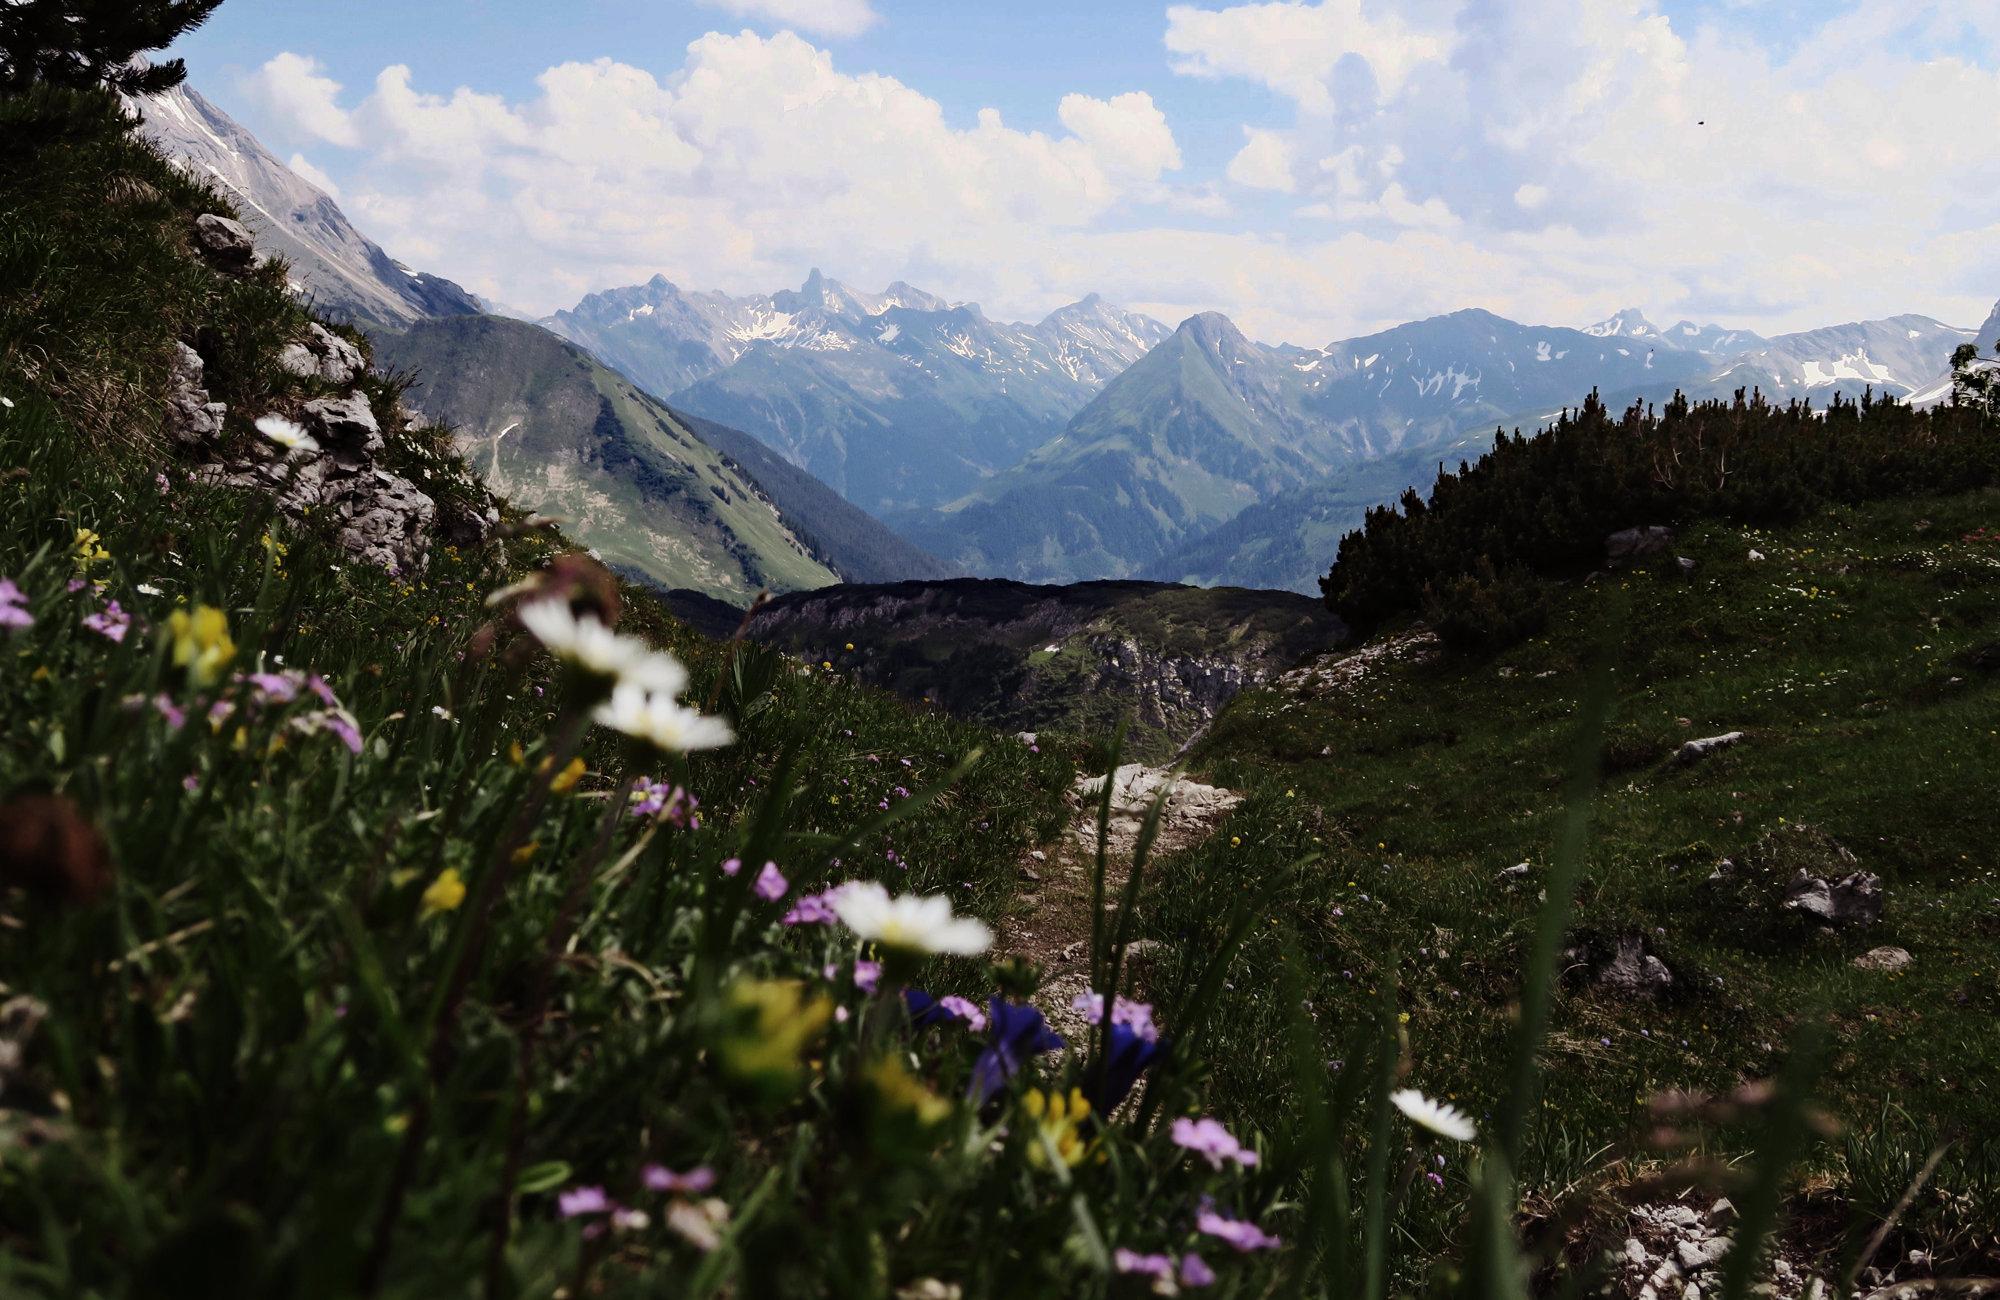 Blick auf die Lechtaler Alpen, Wandern im Frühling, Wanderideen Frühling, Wanderungen Frühling, Weitwanderweg Frühling